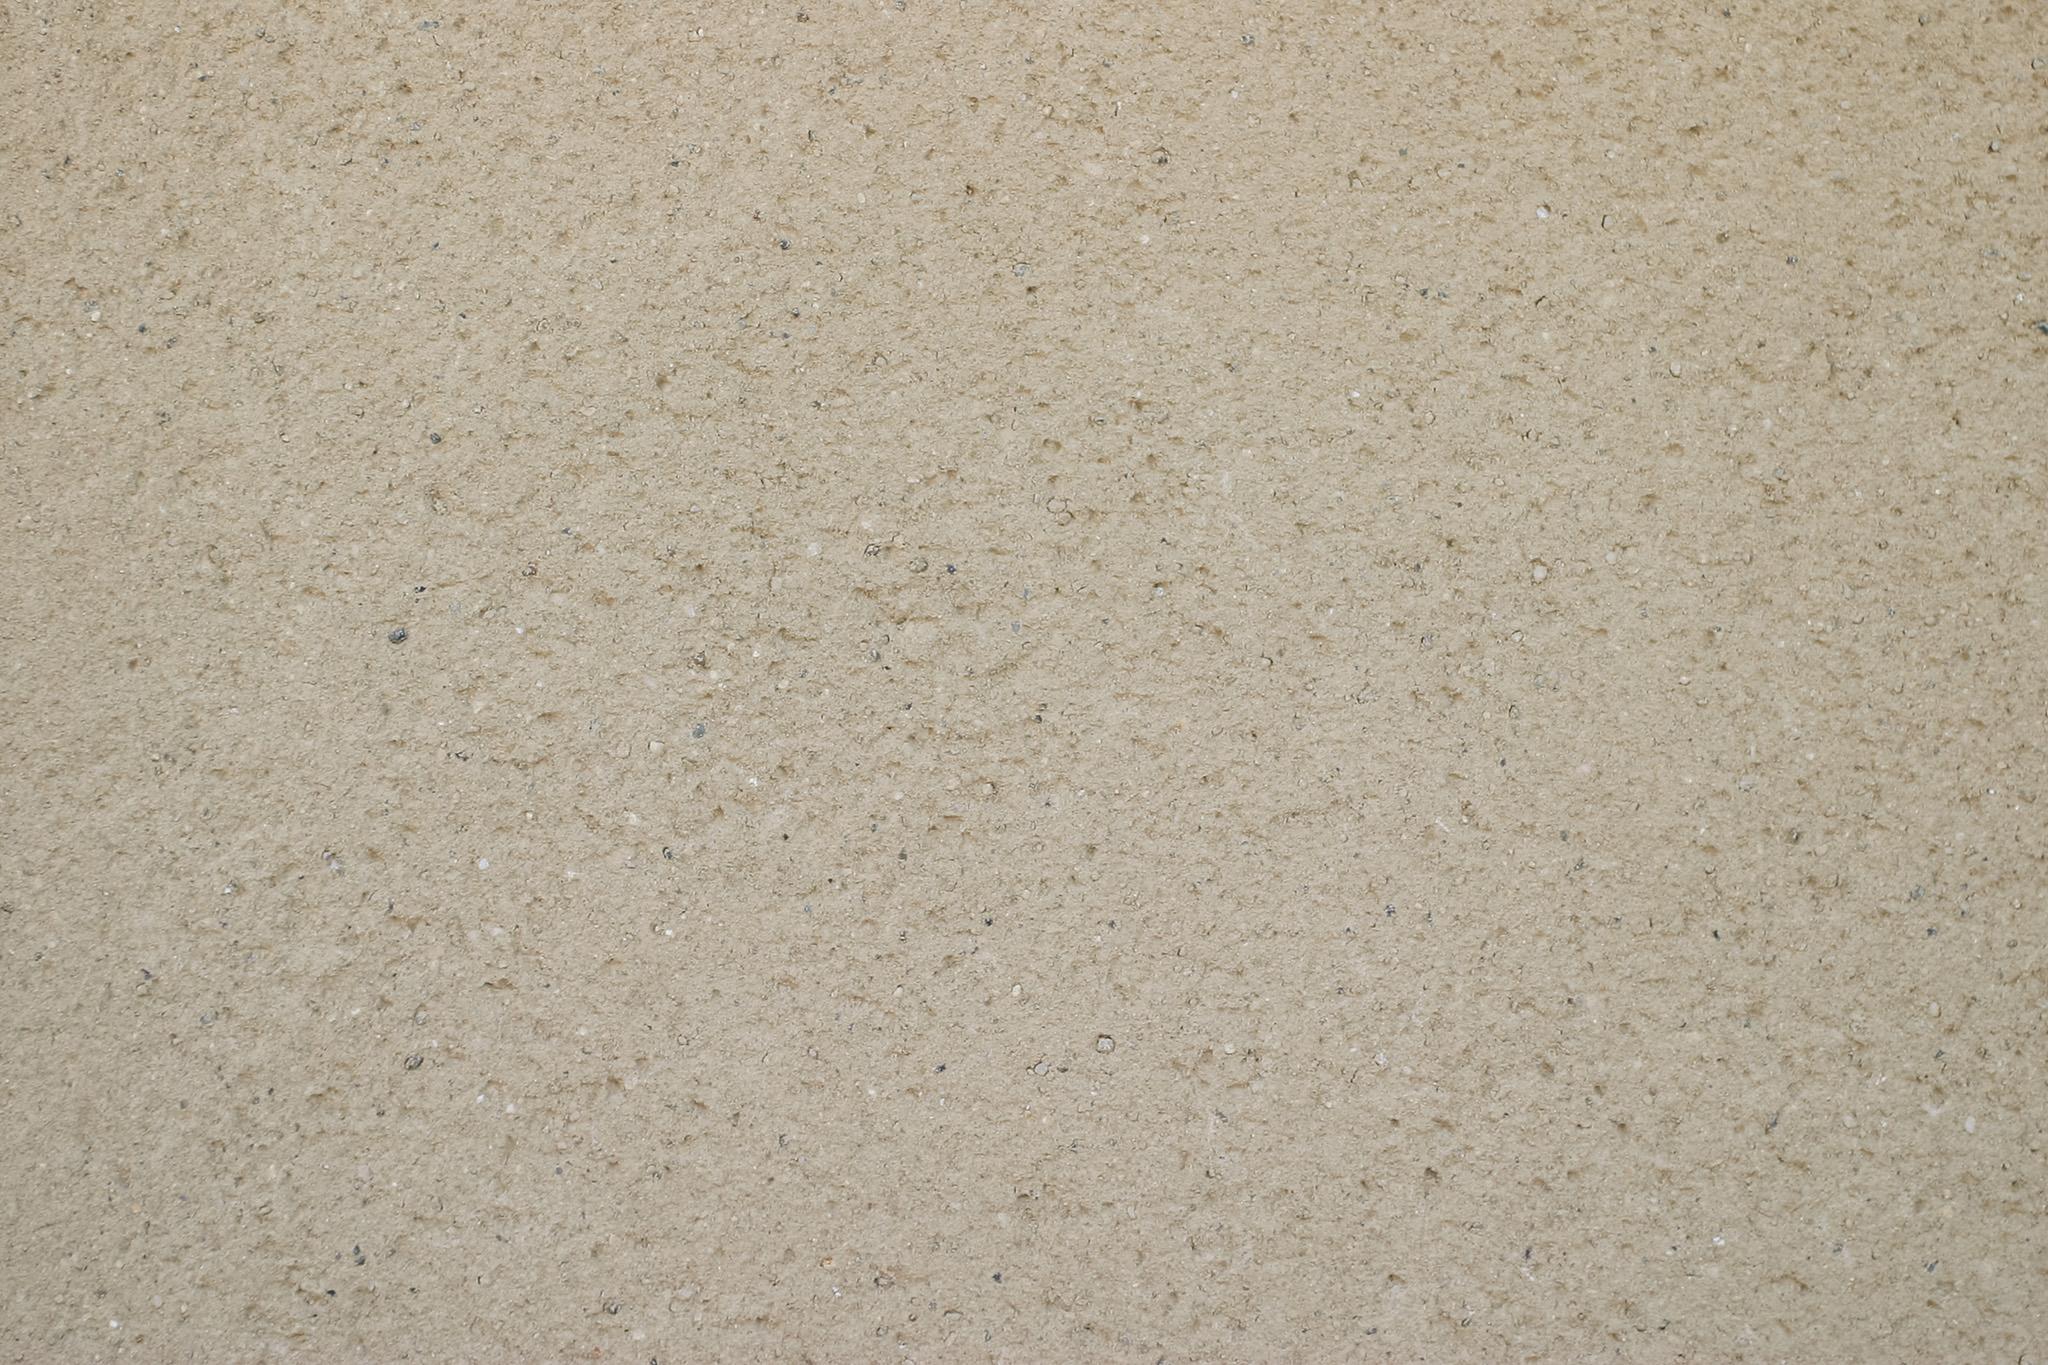 「茶色い岩肌」